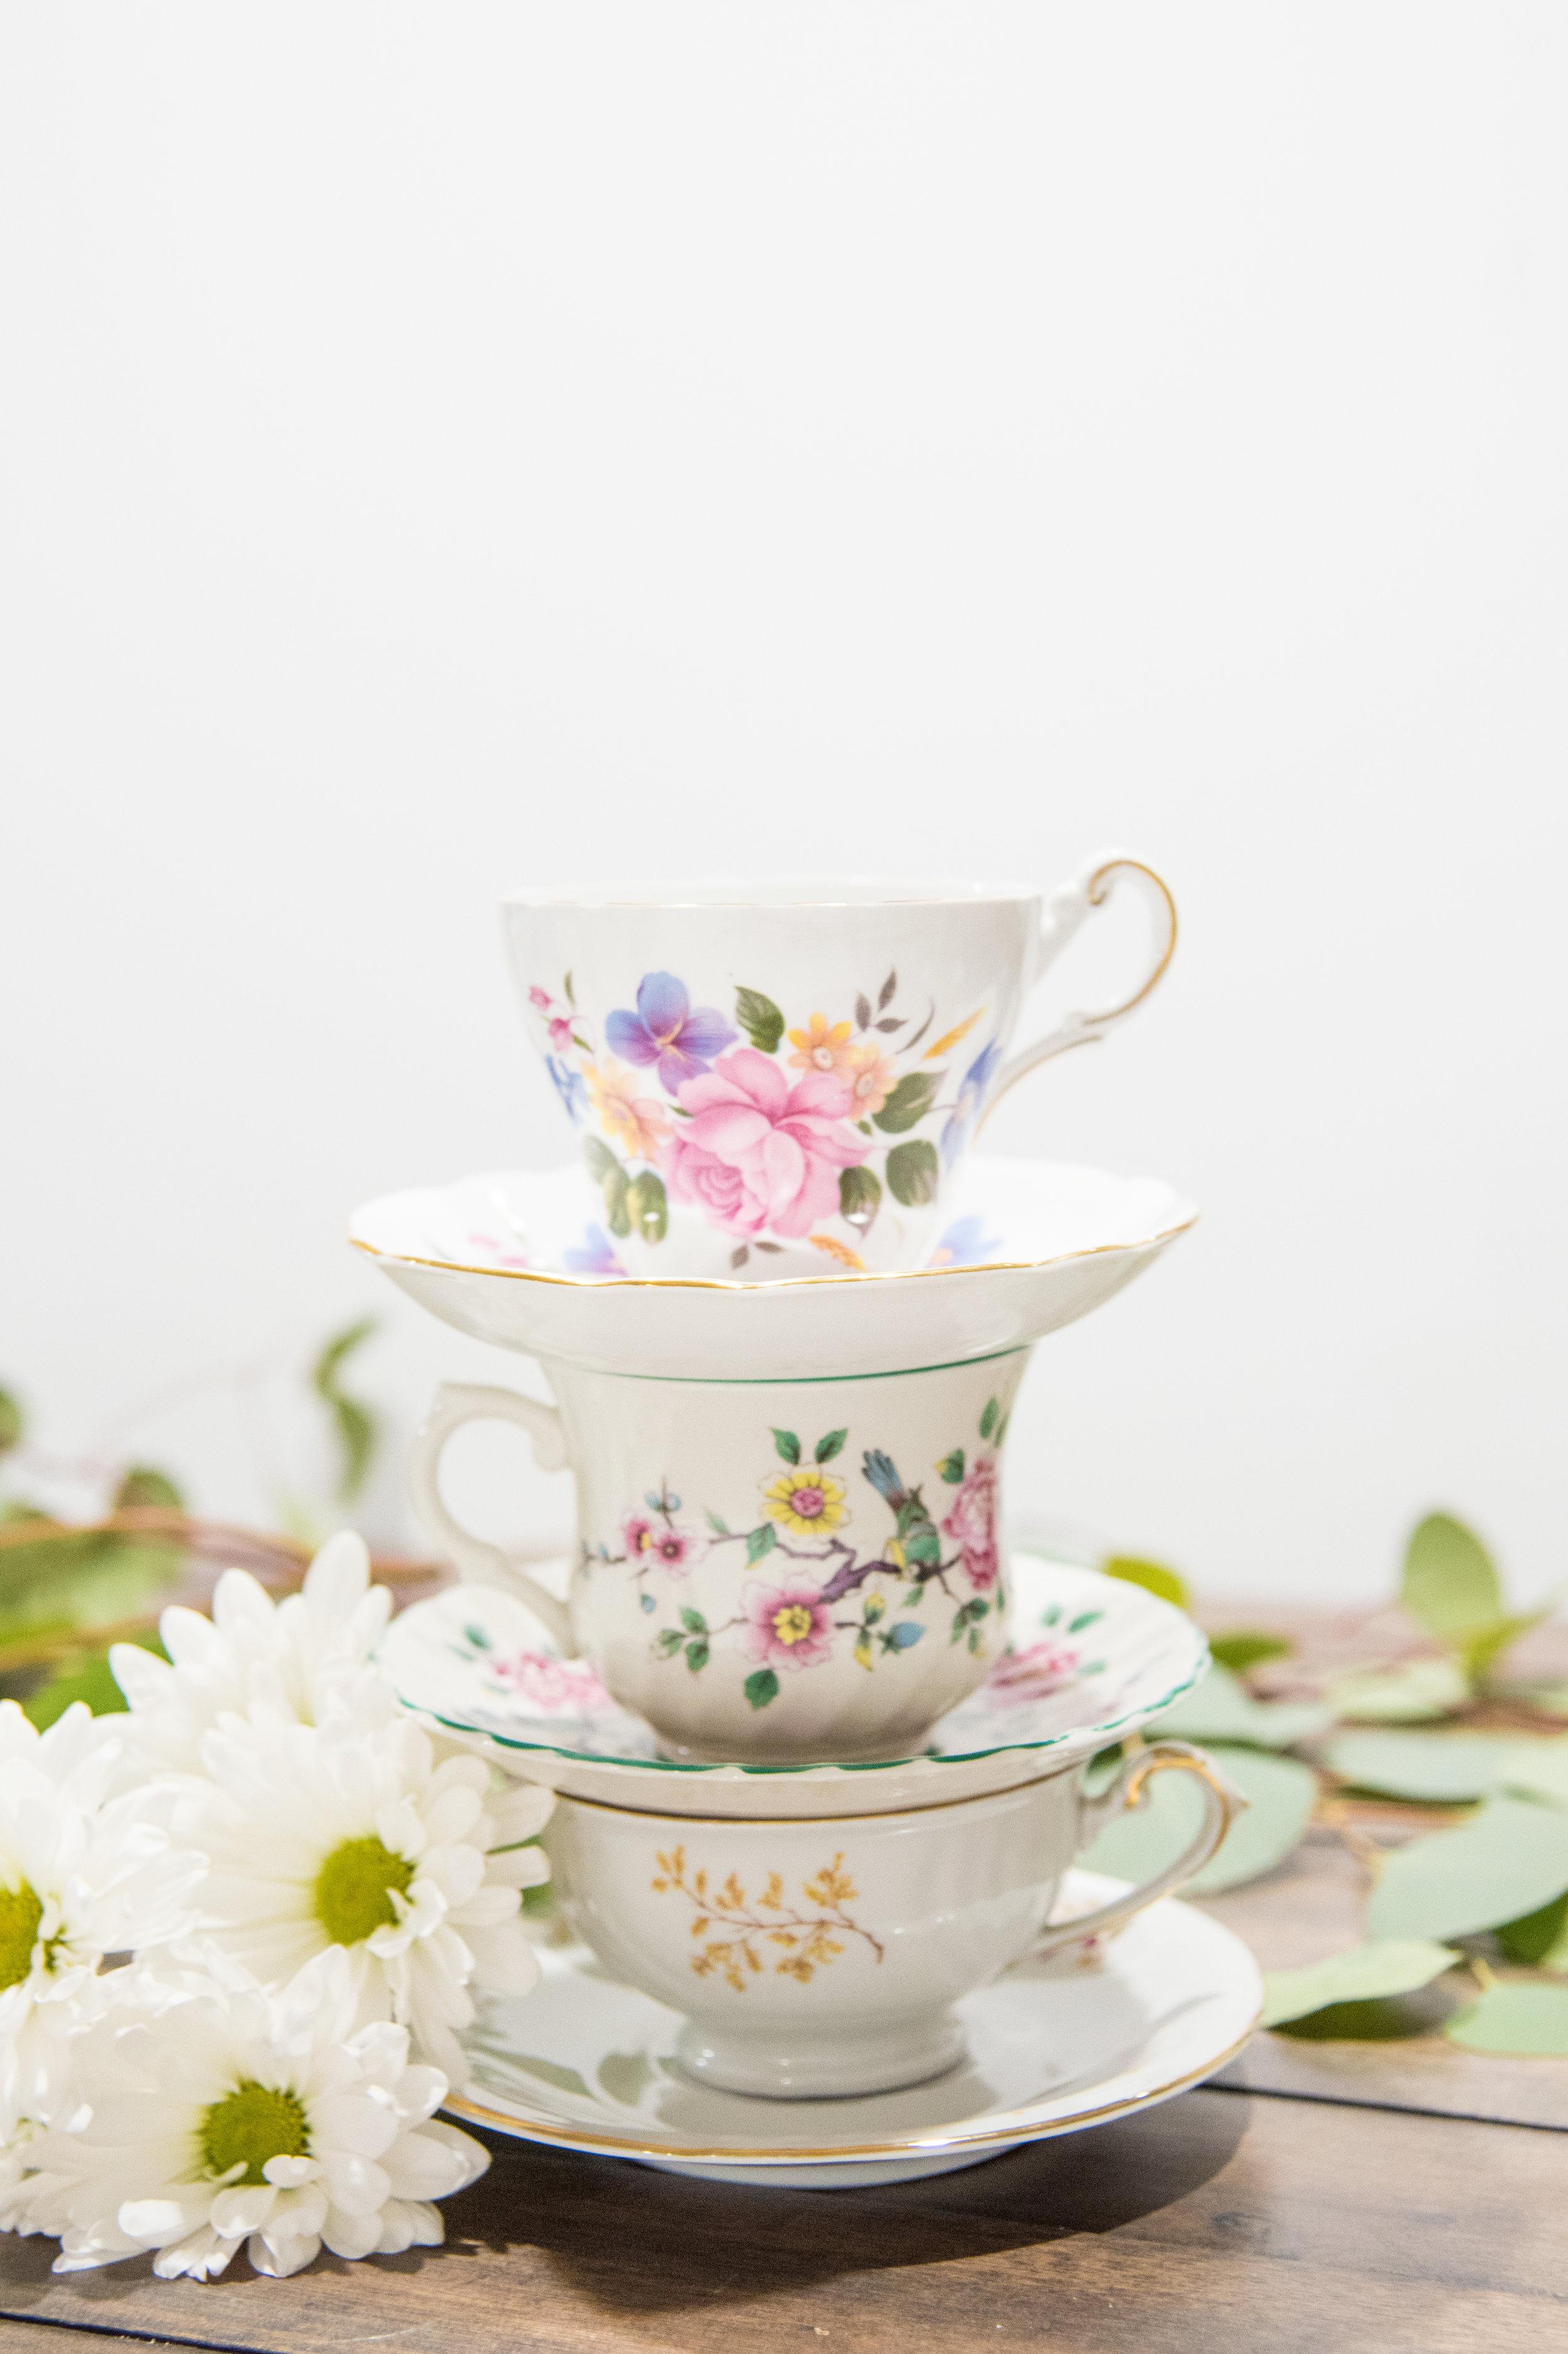 Teacups & Saucers $1.00 each